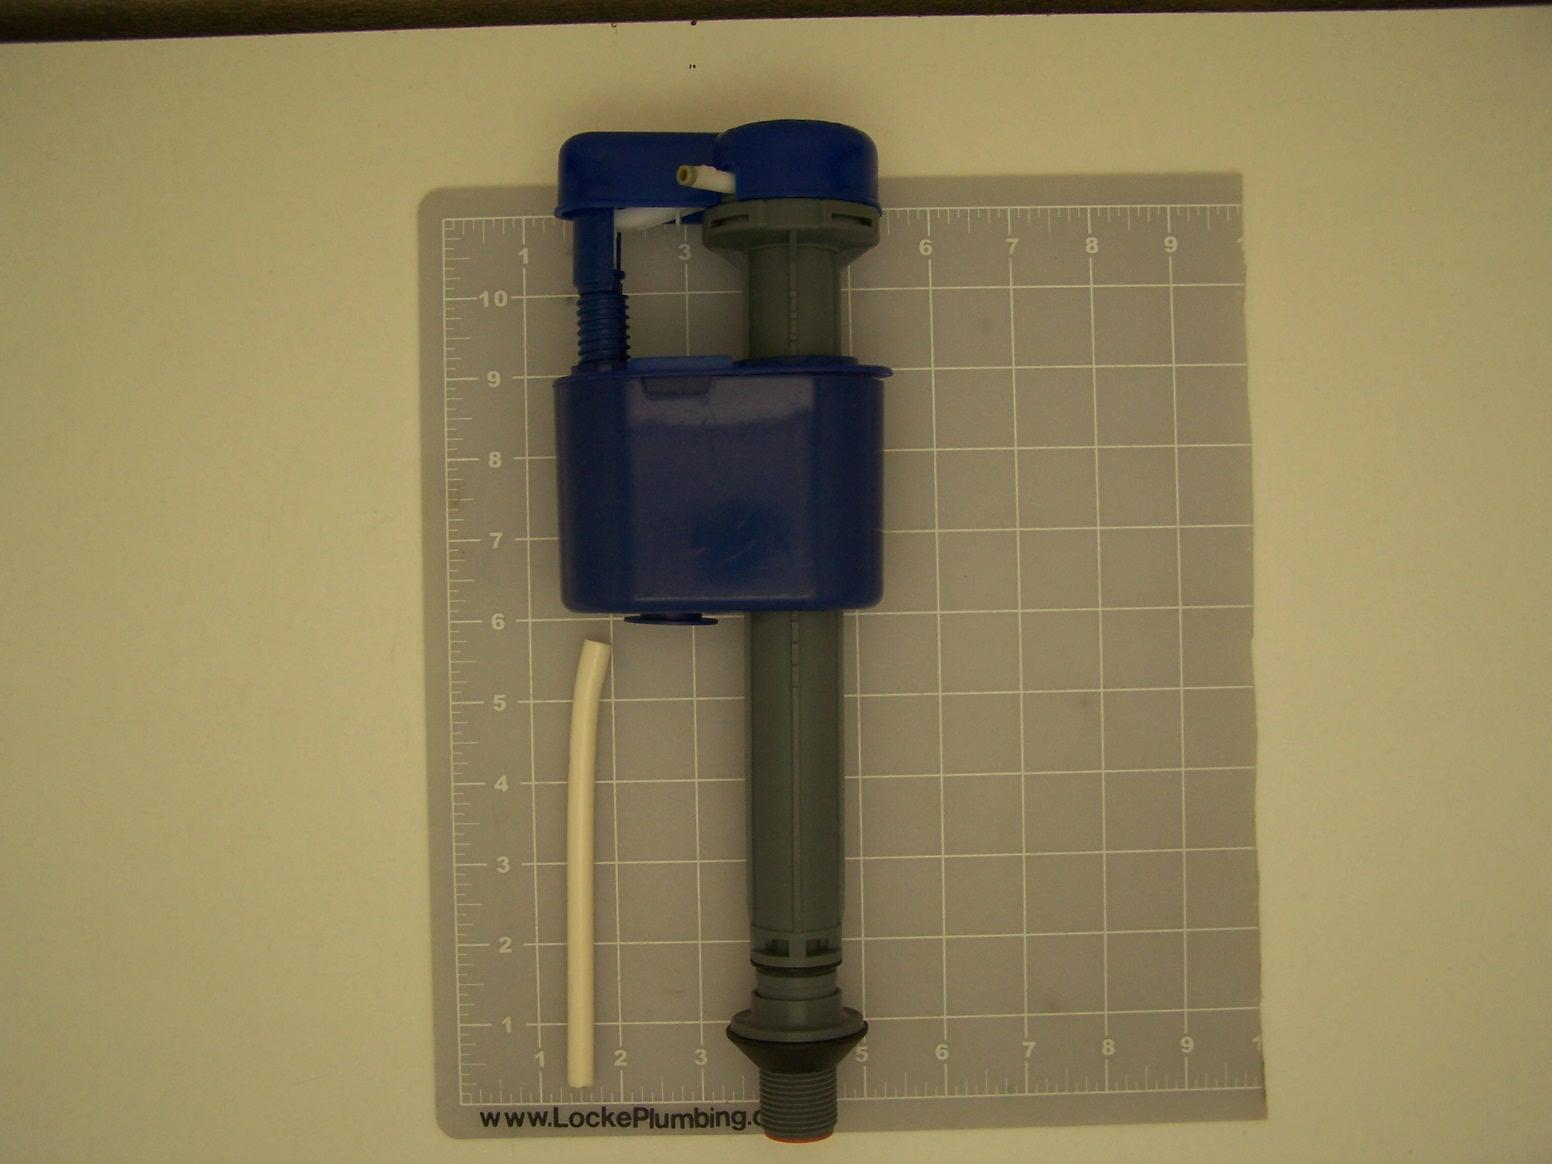 Crane Flush Valve Assembly : Crane toilet parts list bing images